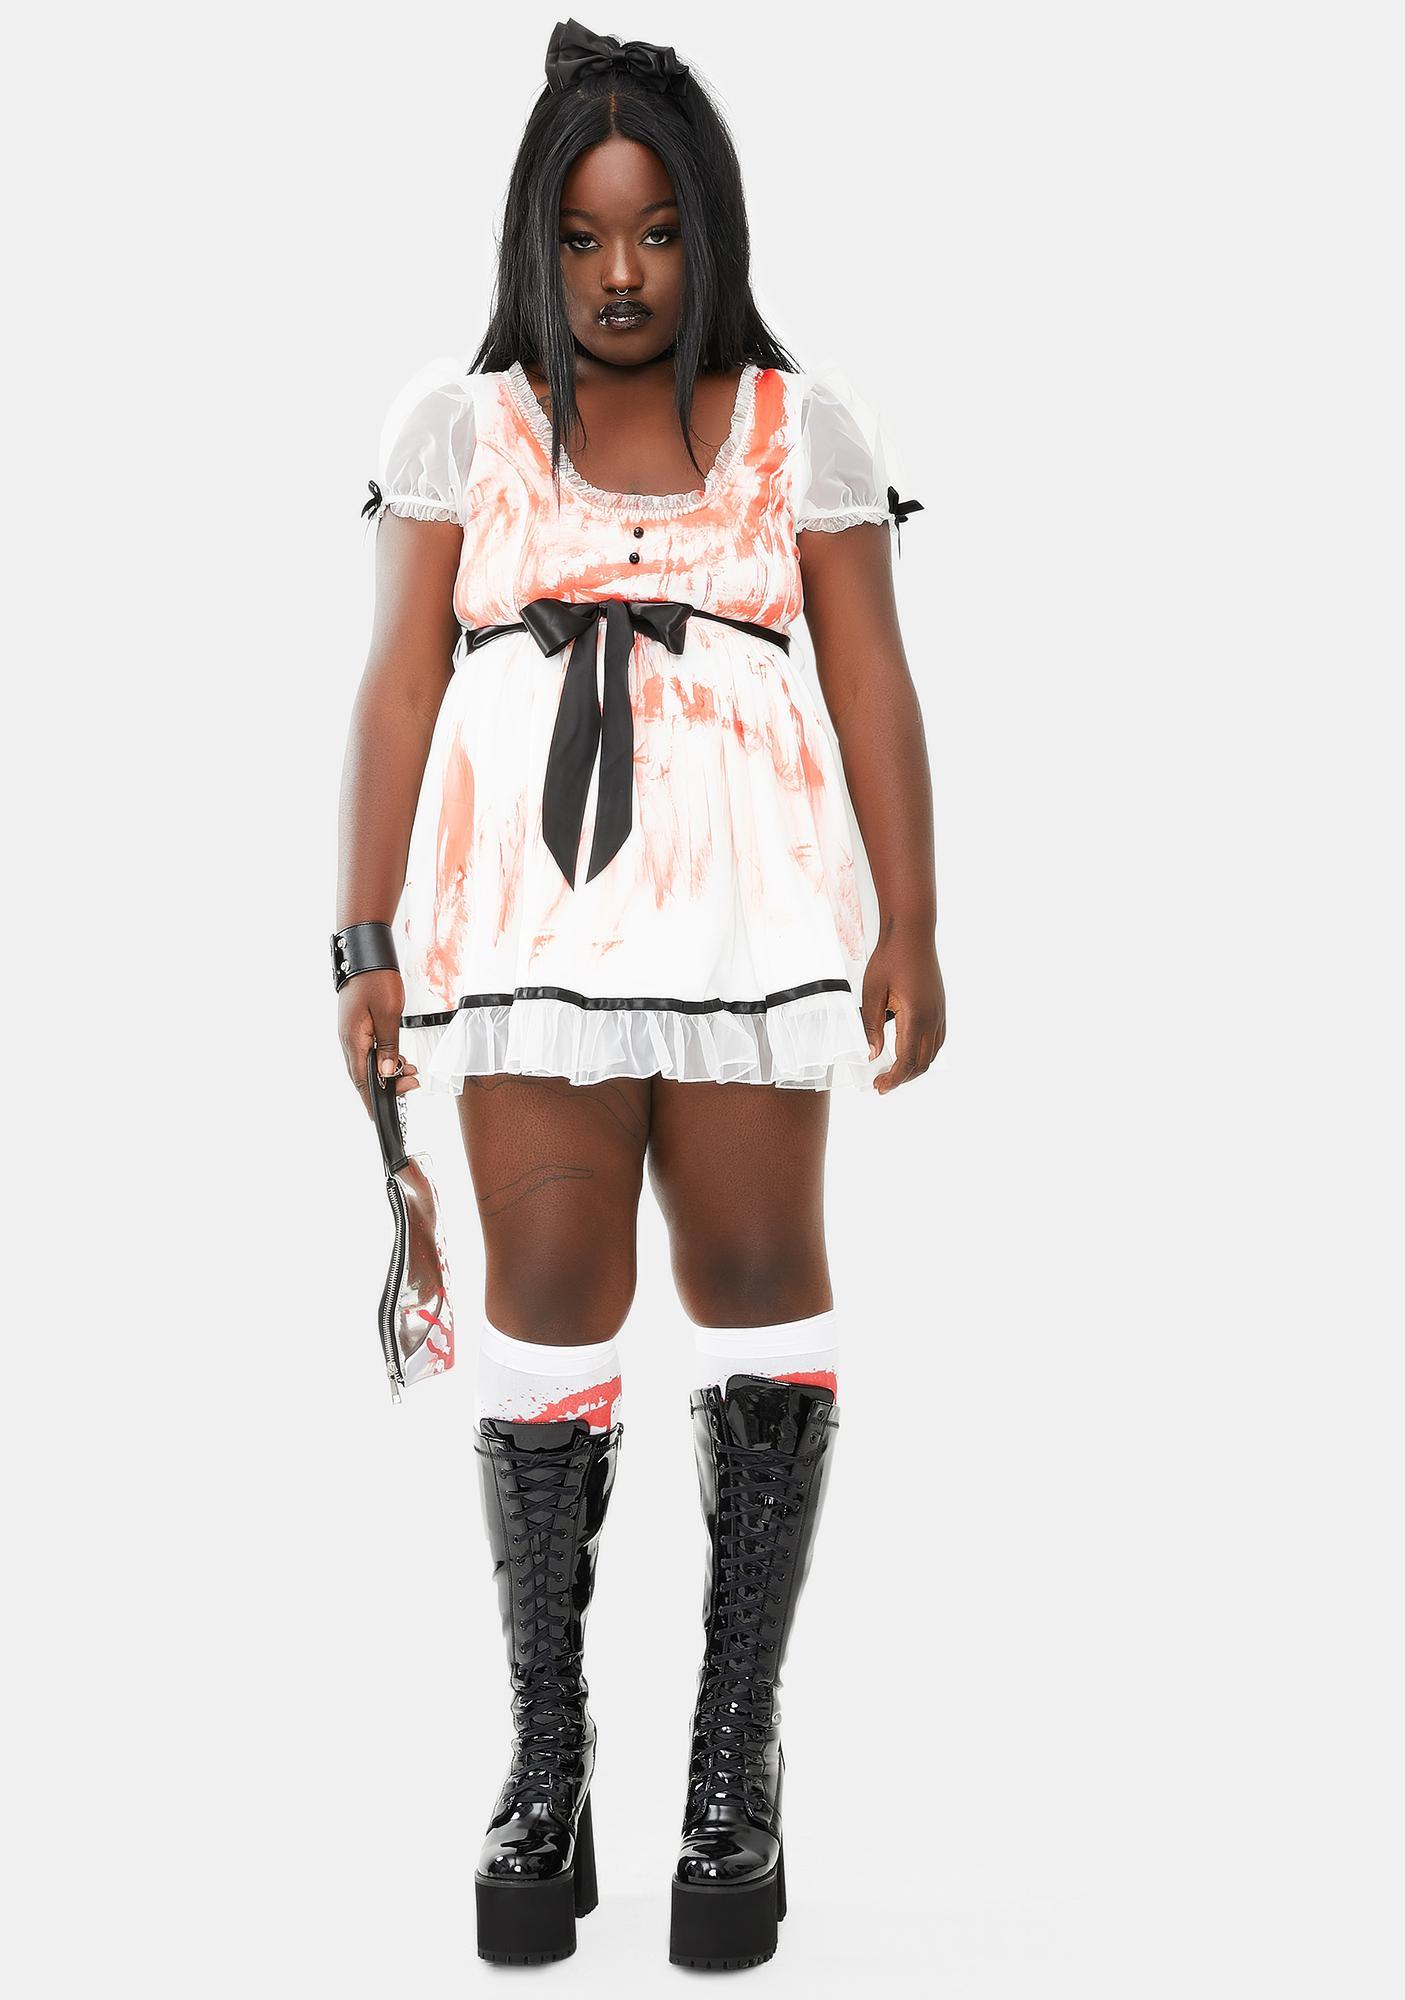 Trickz & Treatz Her Spirit Possessed Doll Costume